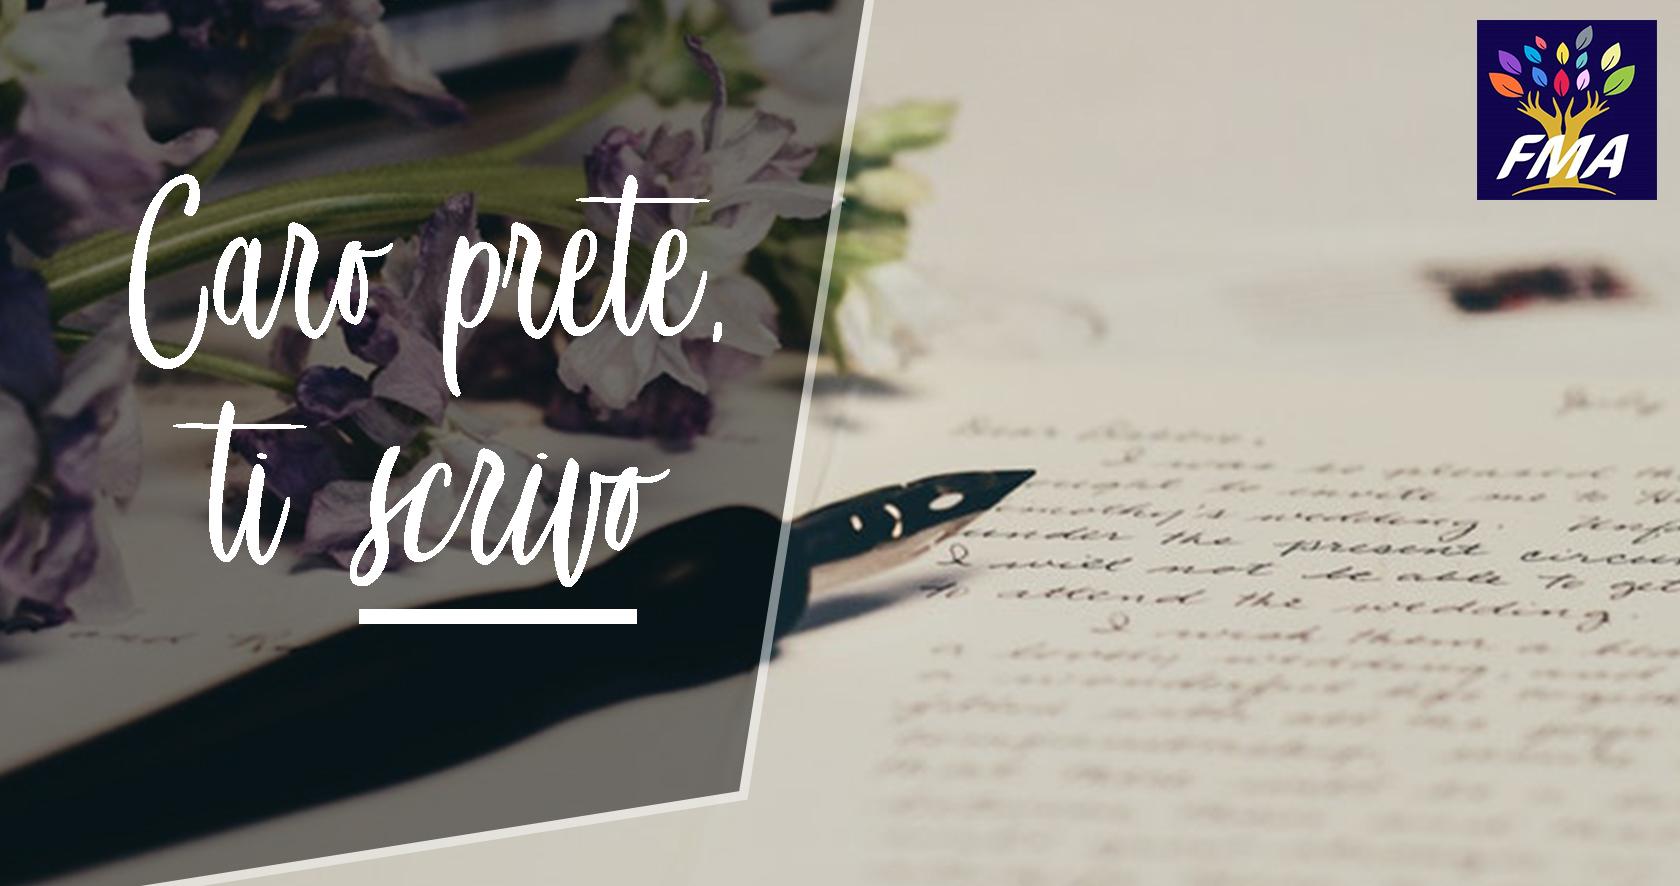 Caro prete ti scrivo